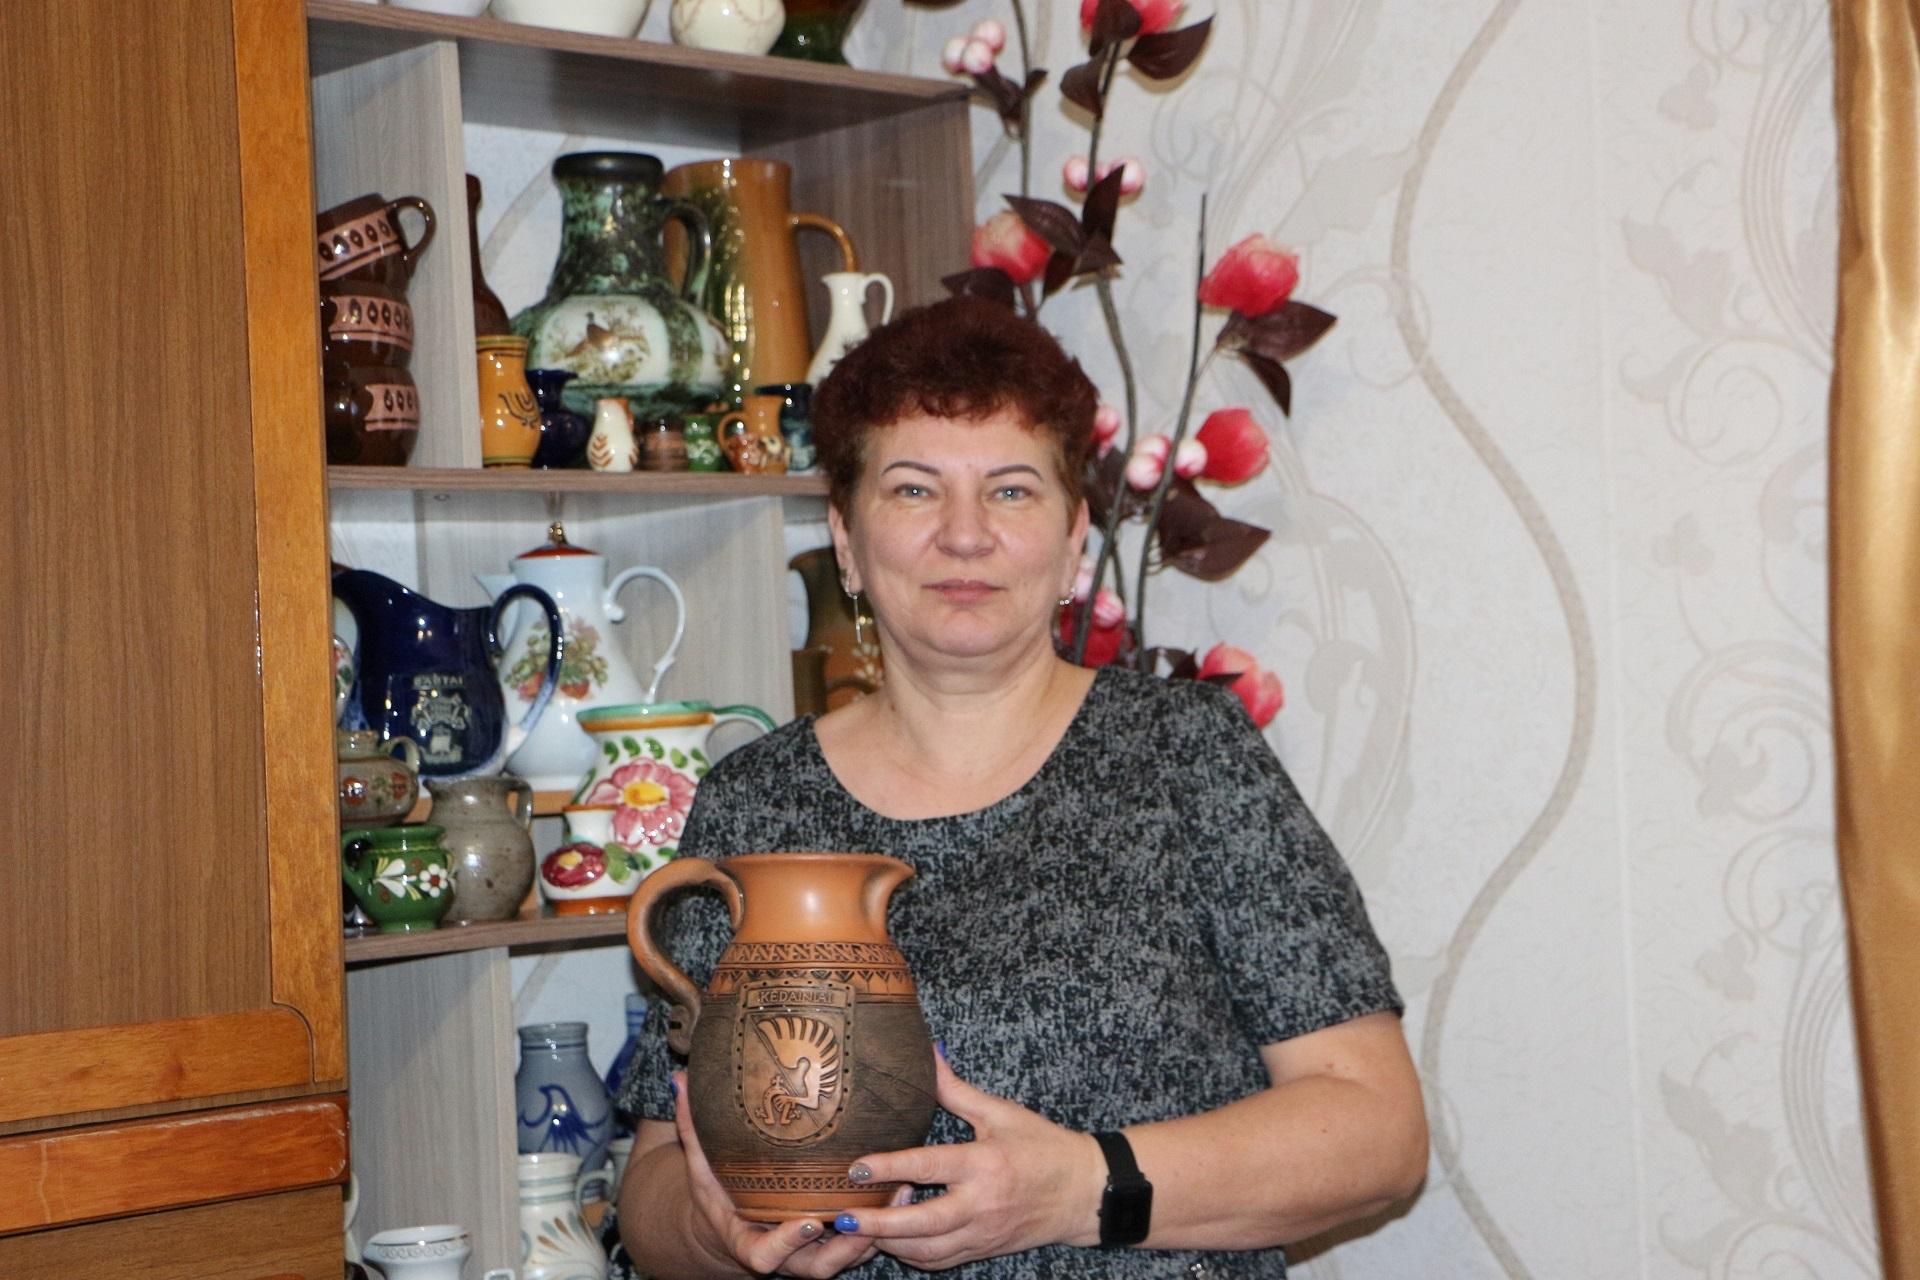 Nuo 1983 metų Beinaičiuose gyvenanti Rima Milašauskienė iš Panevėžio rajono į kaimą su tėvais atsikraustė būdama aštuntokė. / Džestinos Borodinaitės nuotr.